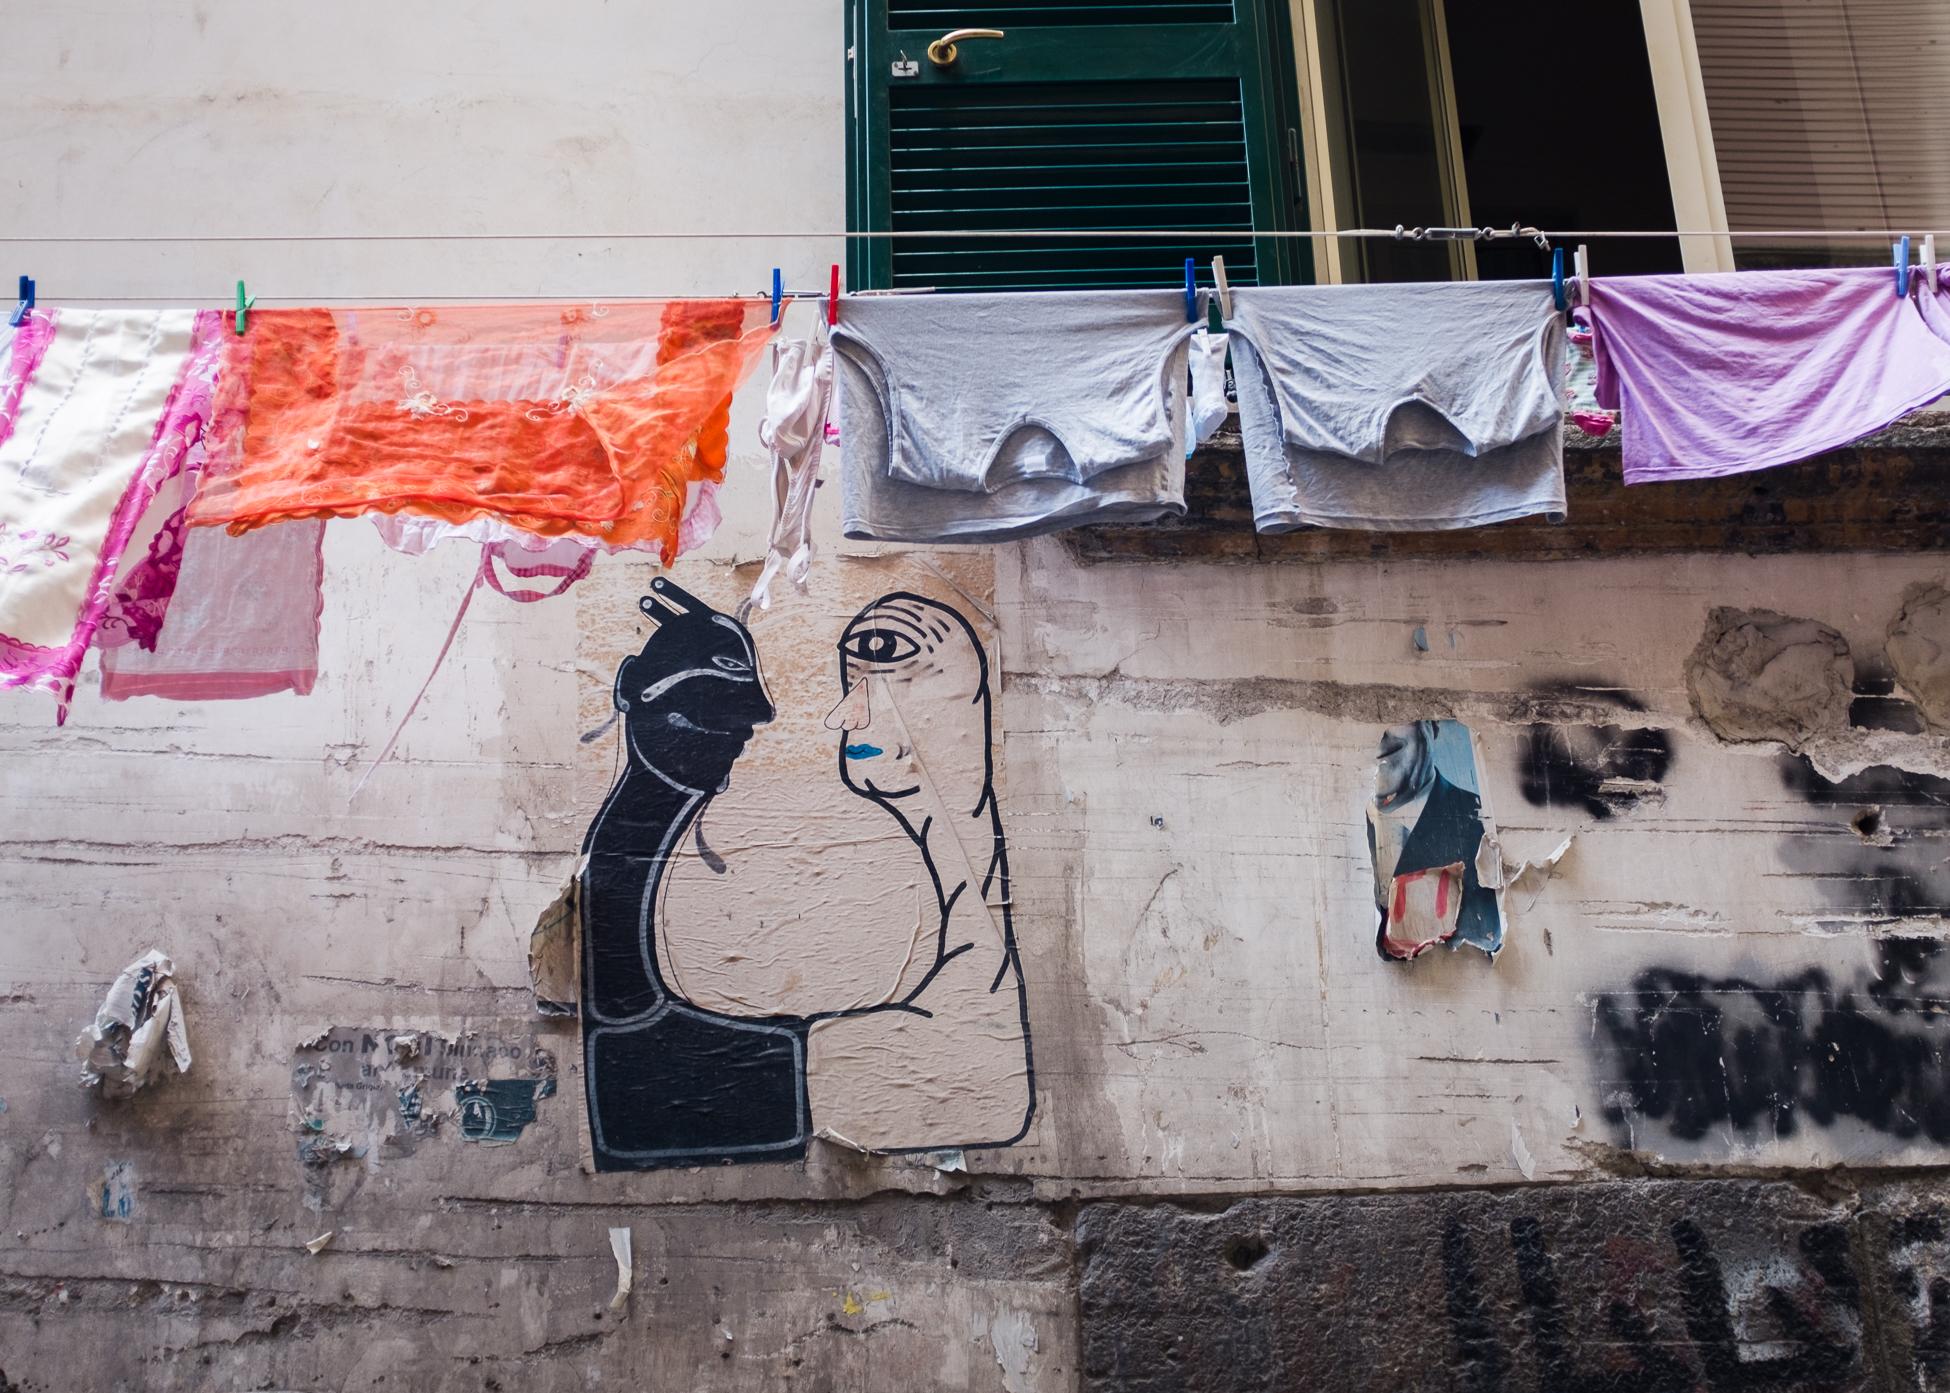 Naples, Greece